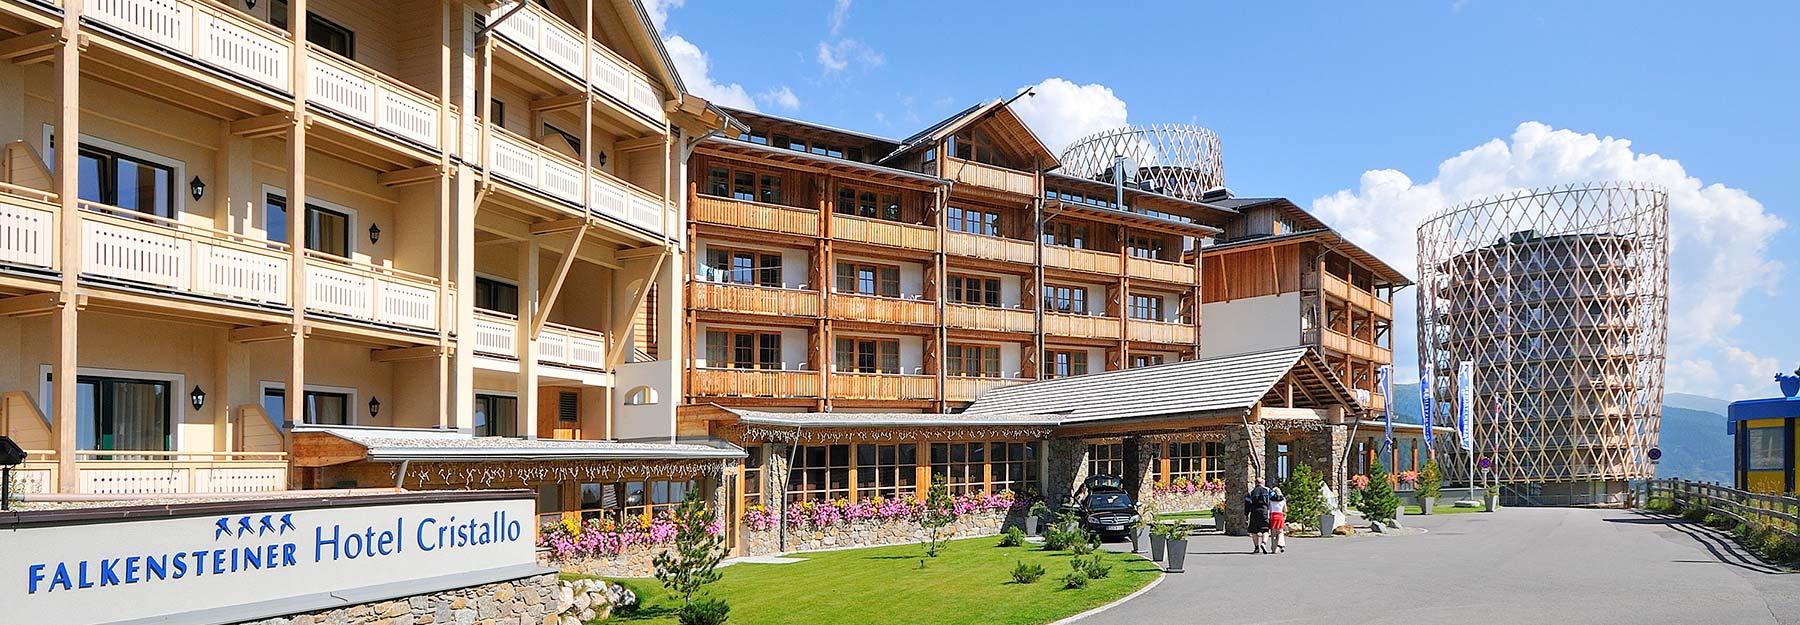 falkensteiner hotel cristallo katschberg estate